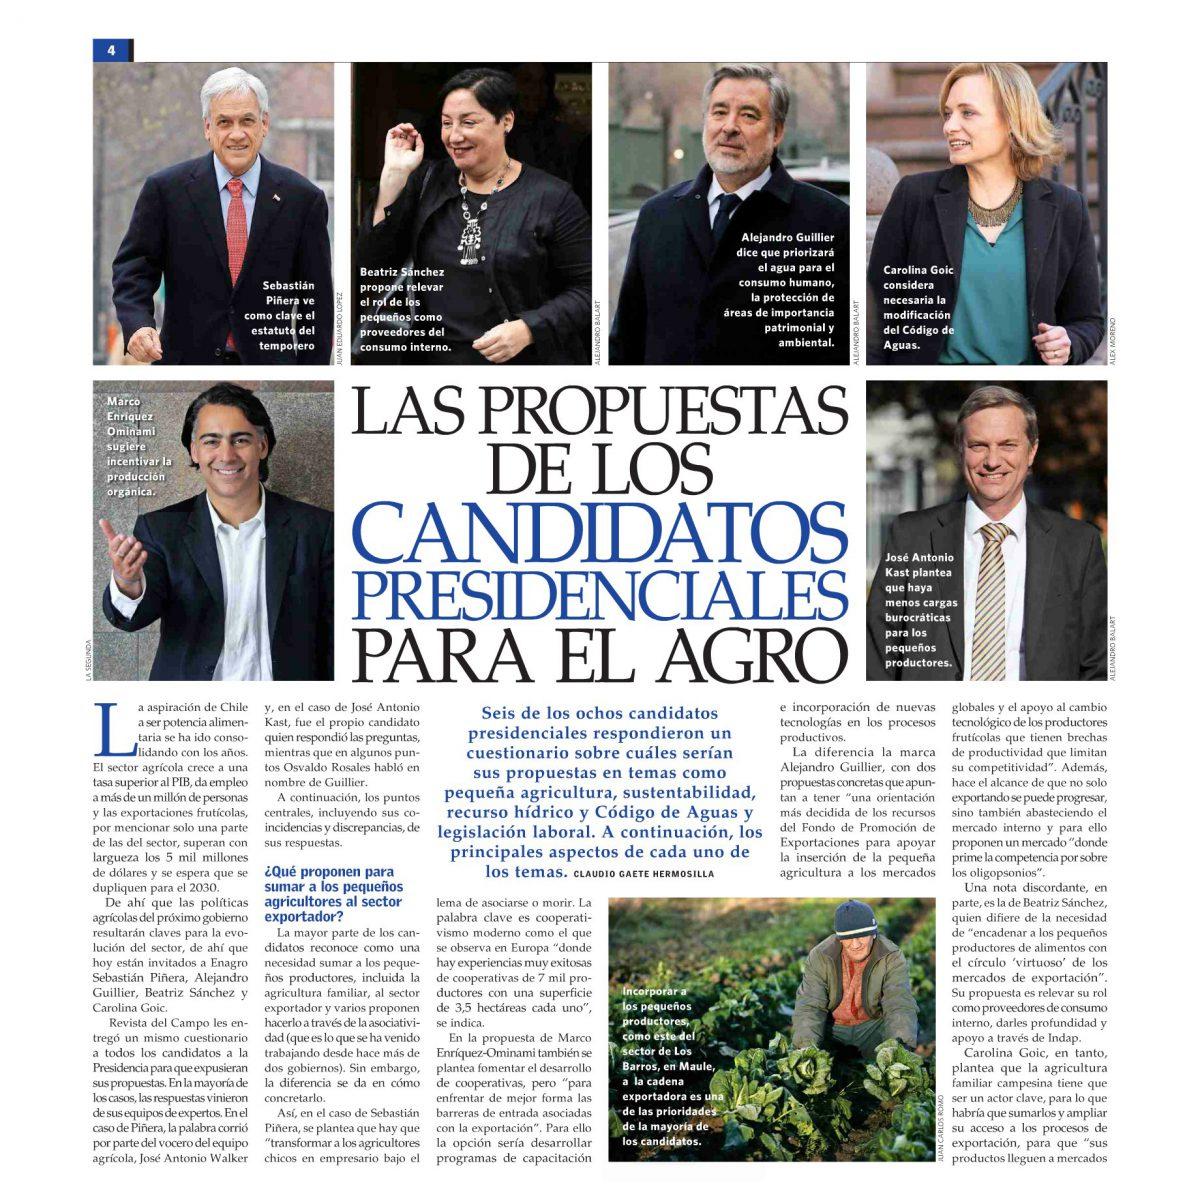 Las propuestas de los candidatos presidenciales para el agro